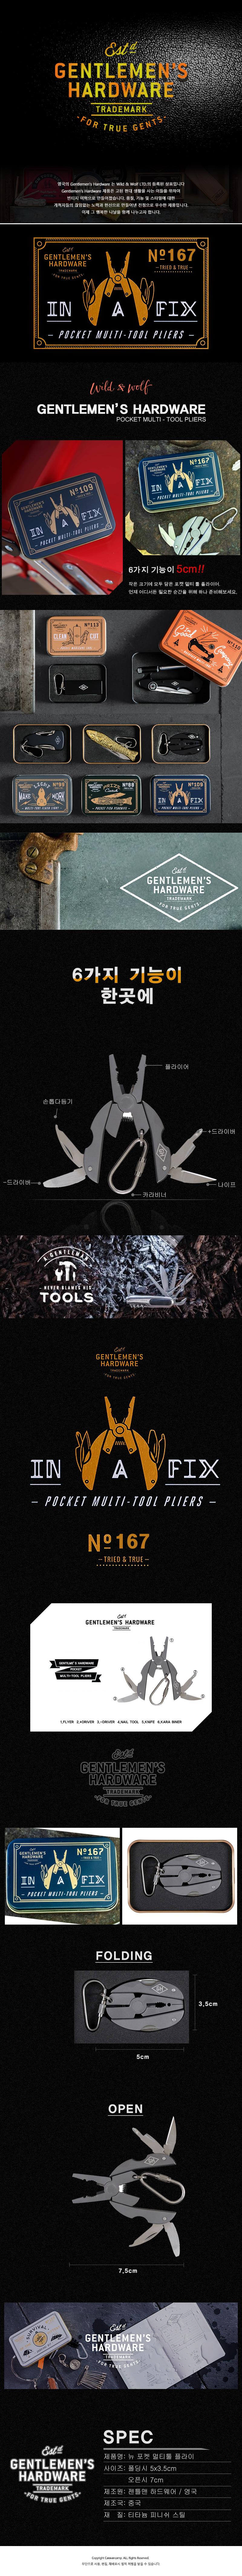 젠틀맨즈하드웨어(GENTLEMENS HARDWARE) 젠틀맨 뉴 포켓 멀티 툴 플라이어